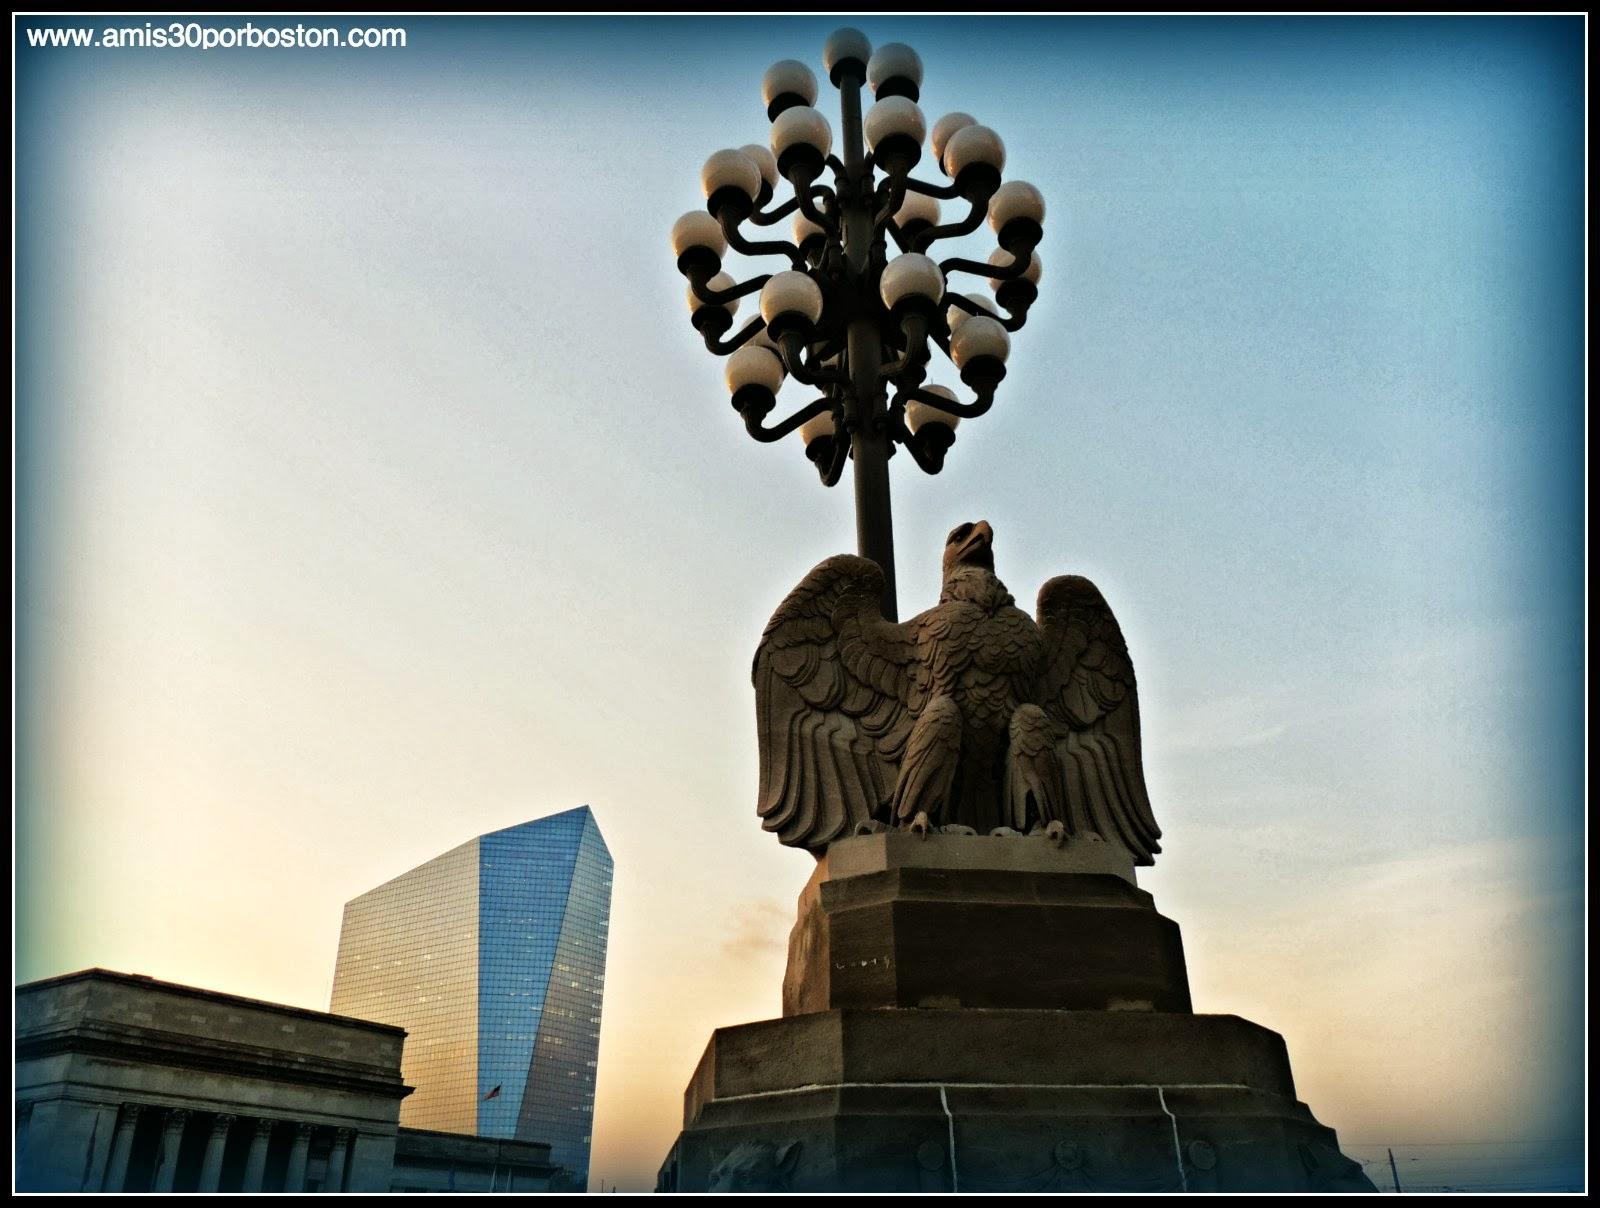 Filadelfia: Downtown